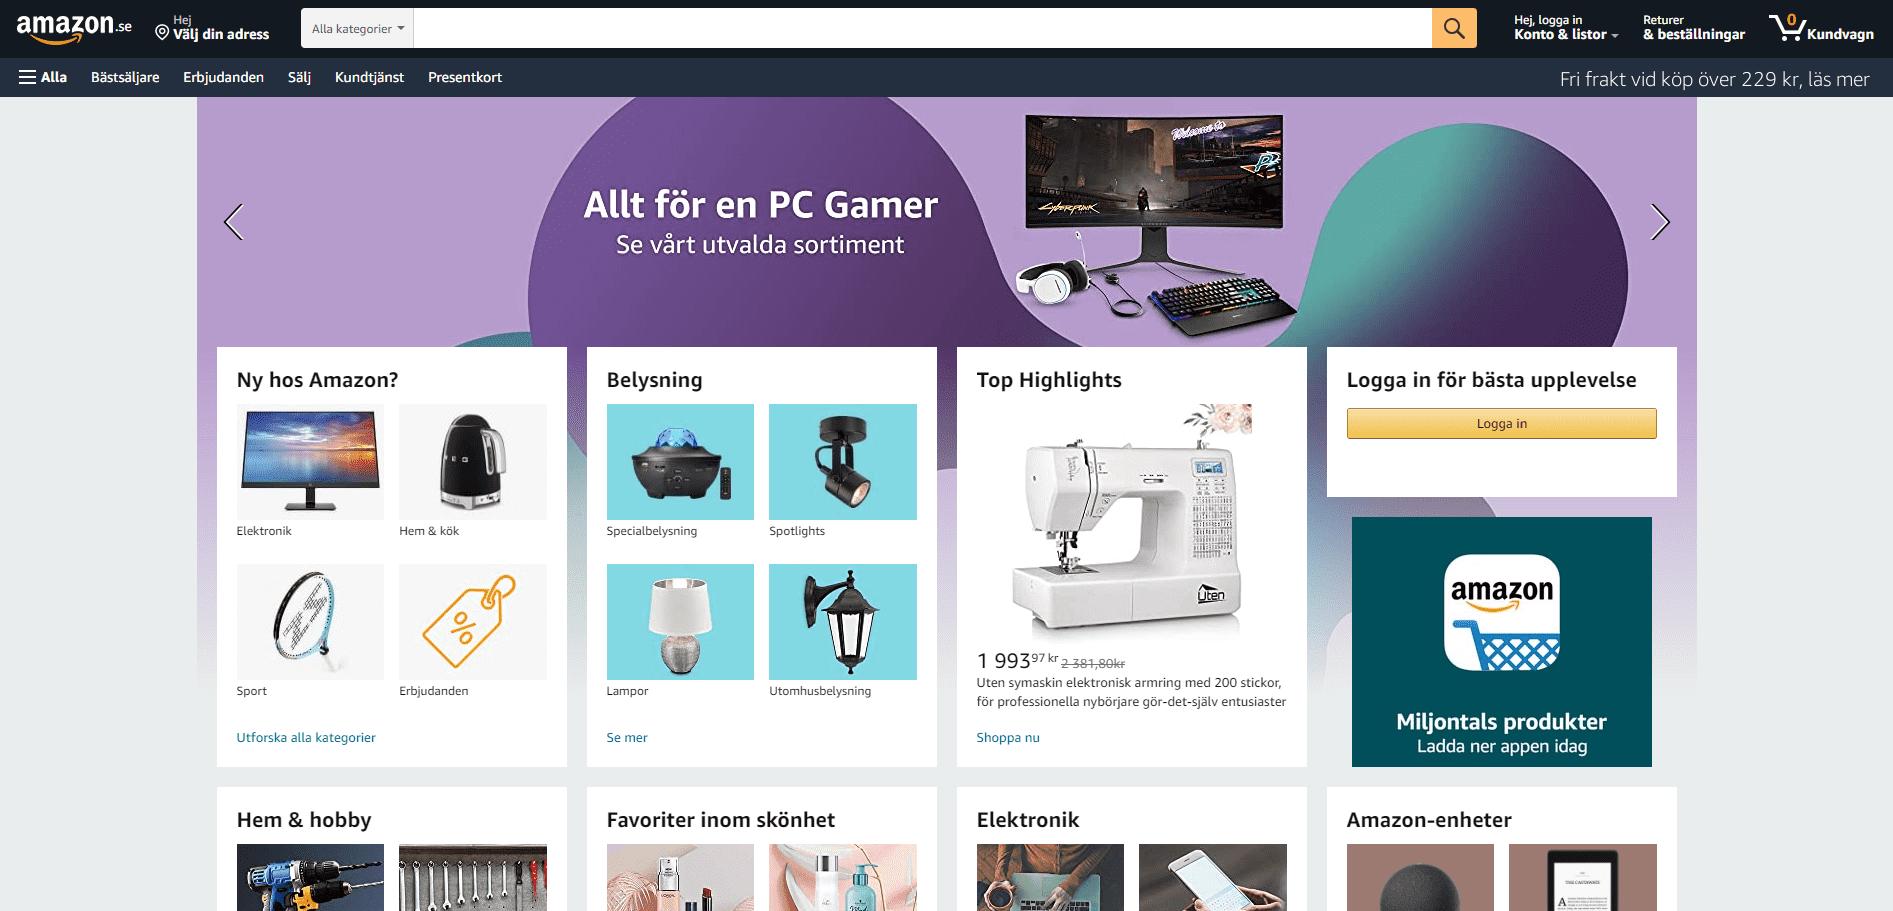 Startsiden til den svenske versjonen av amazons nettbutikk